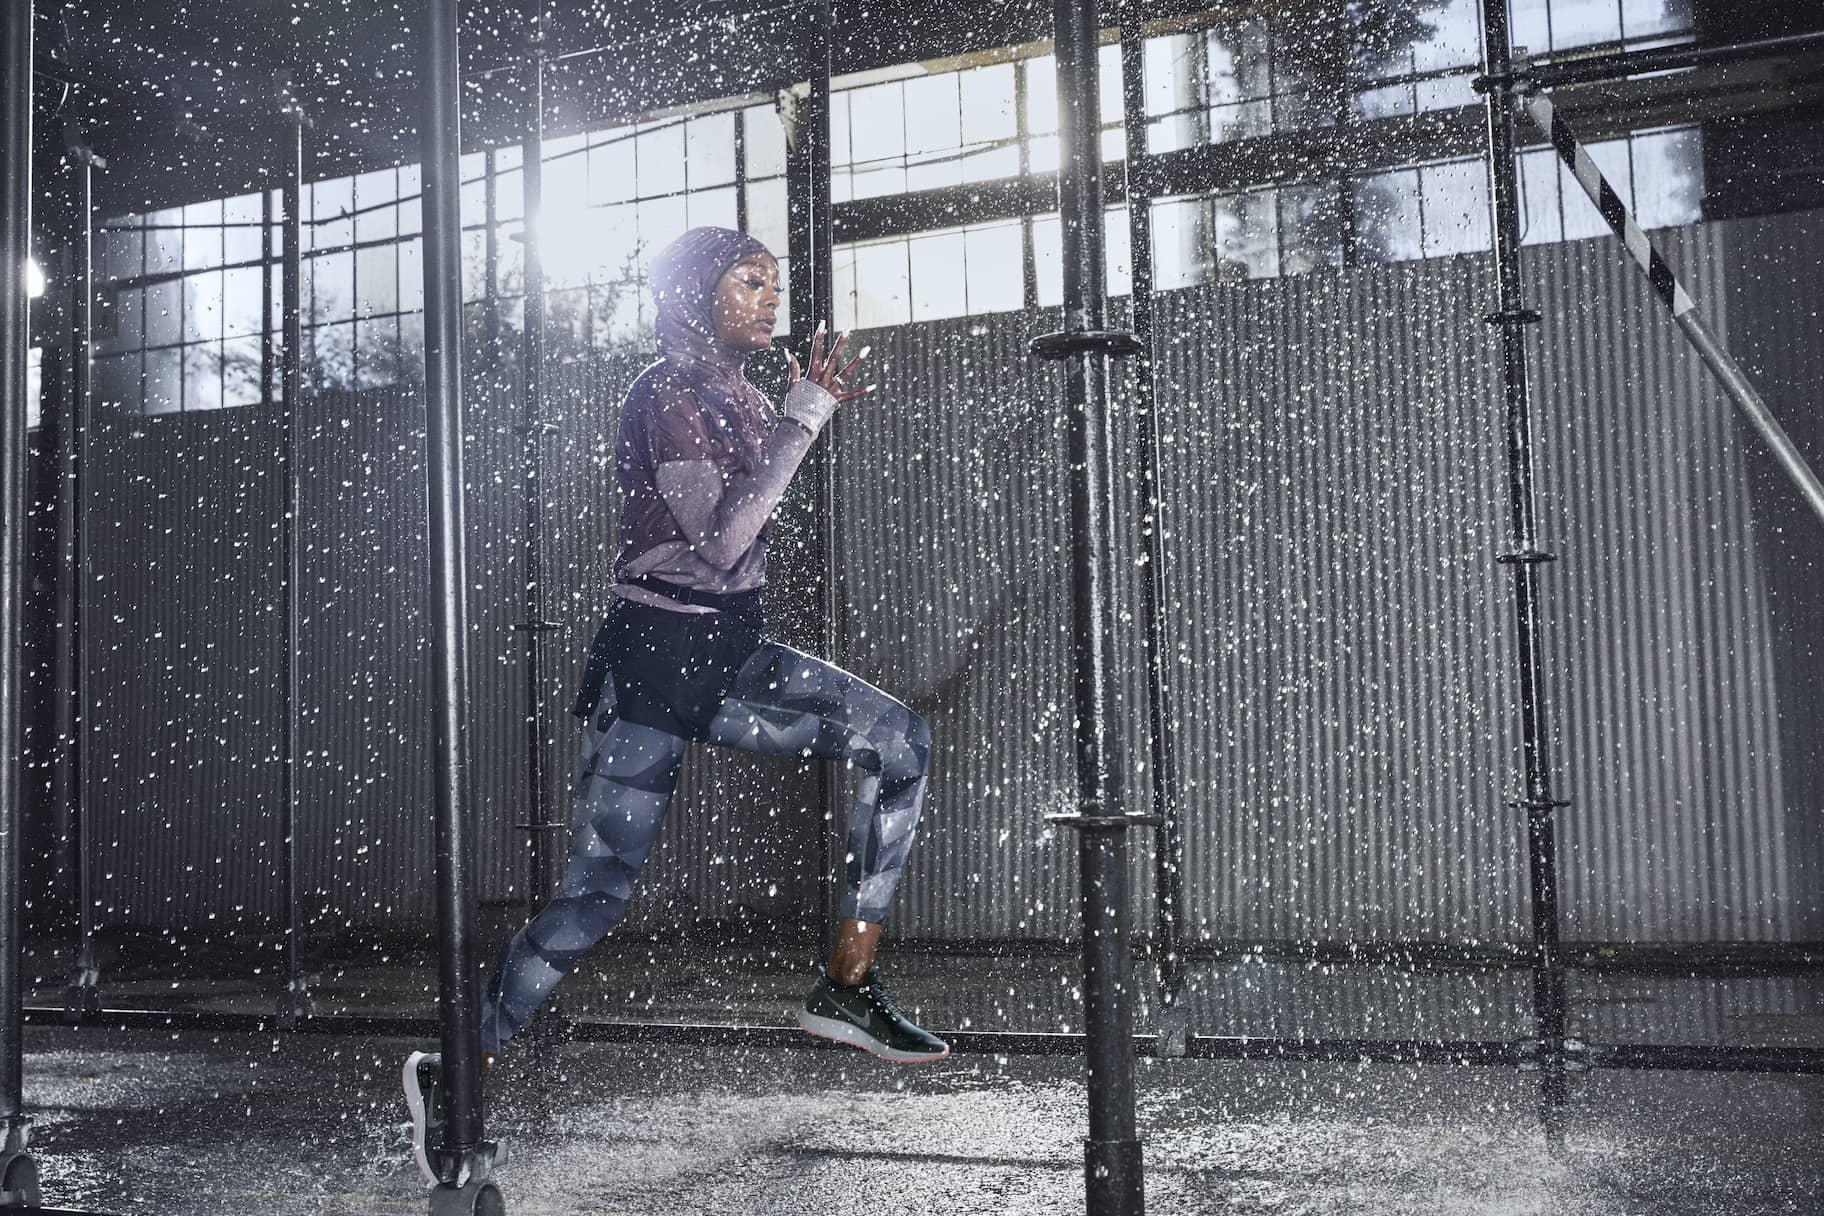 防水跑步装备,助力雨天畅跑